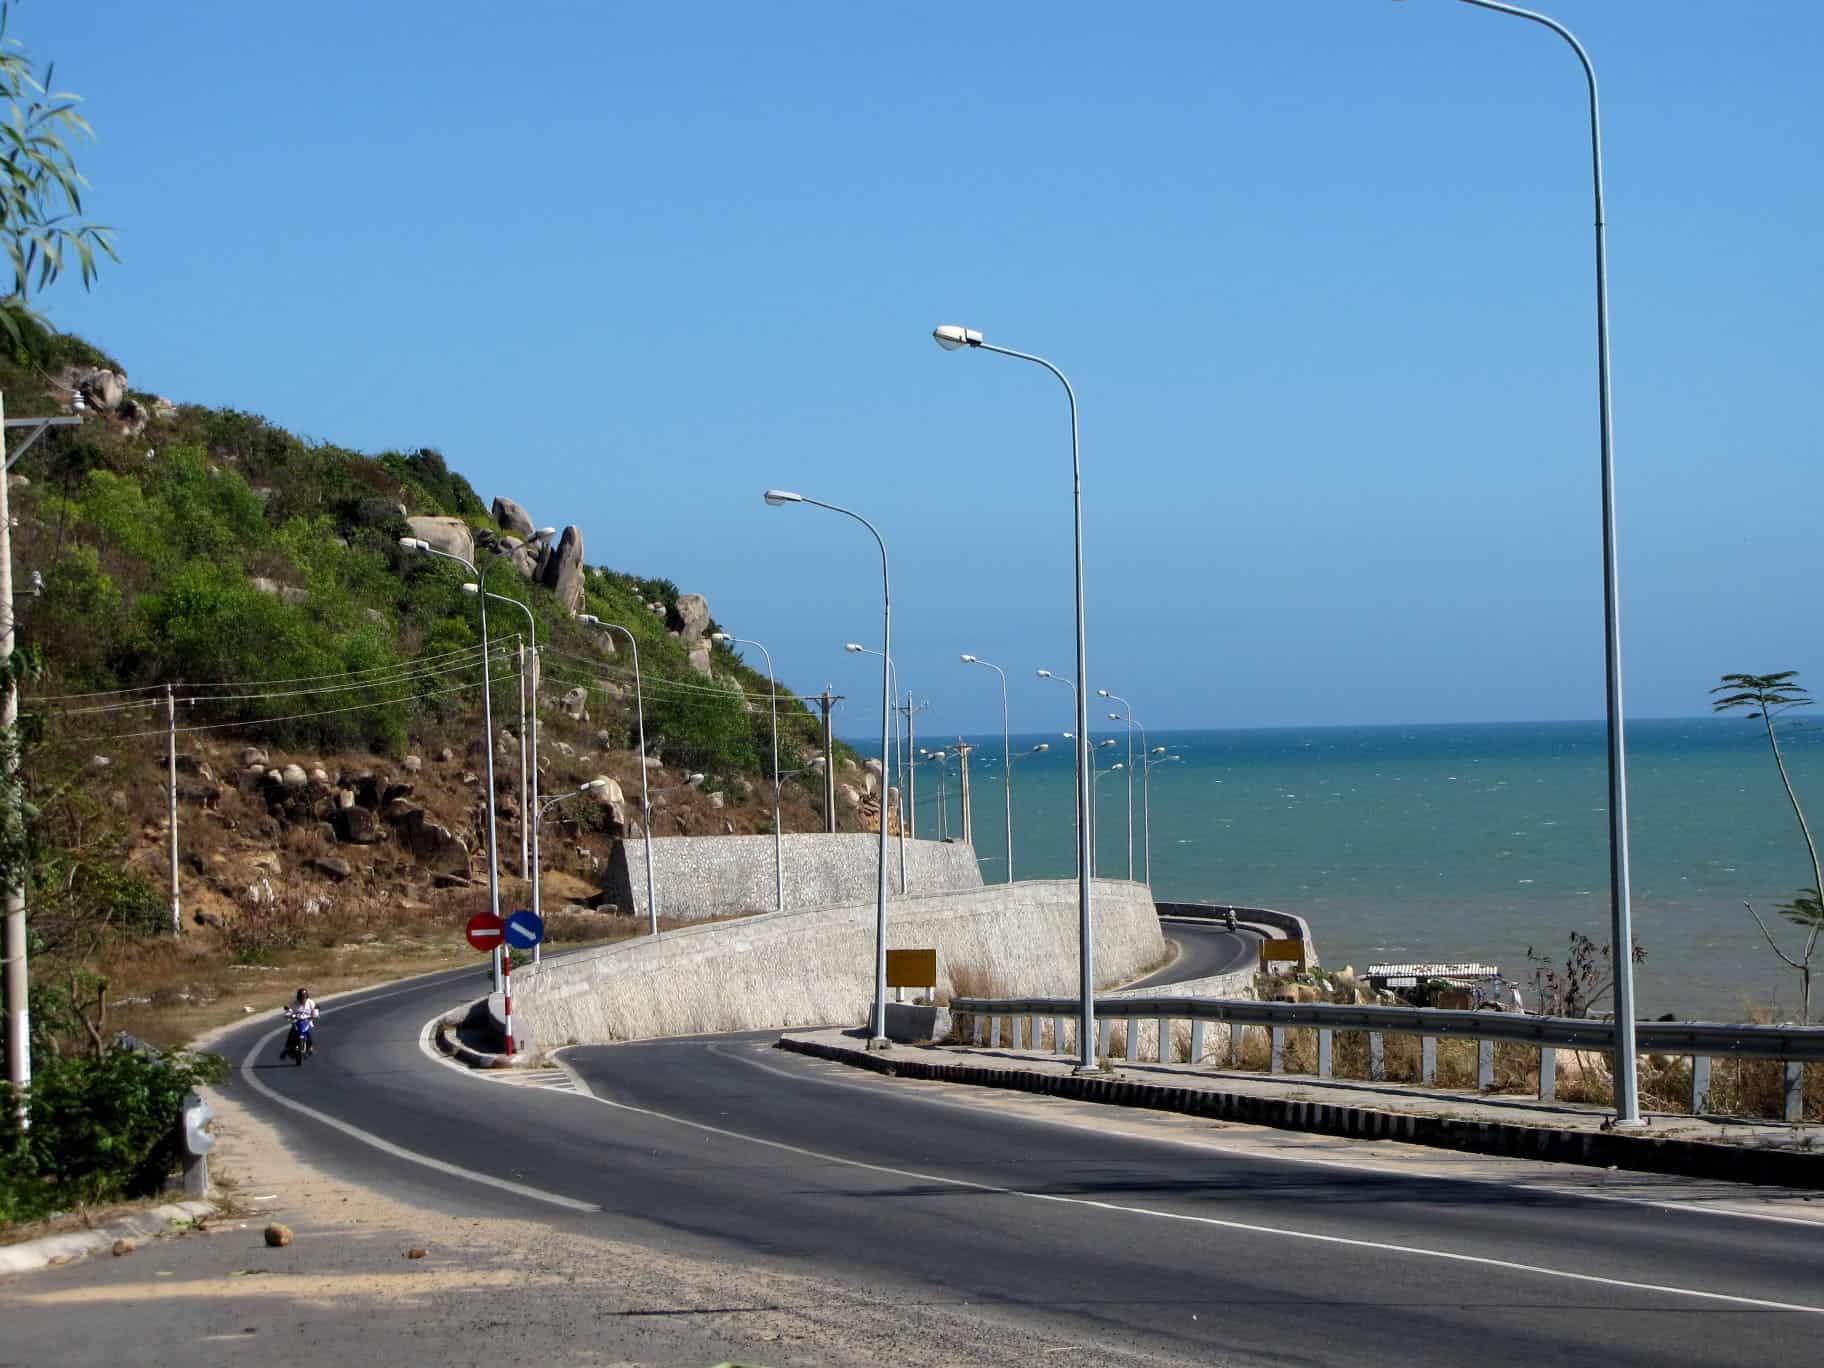 Cung đường uốn lượn ôm sát bờ biển dẫn đến Đèo Nước Ngọt Vũng Tàu - Nơi cảm nhận hương vị khoan khoái của gió biển